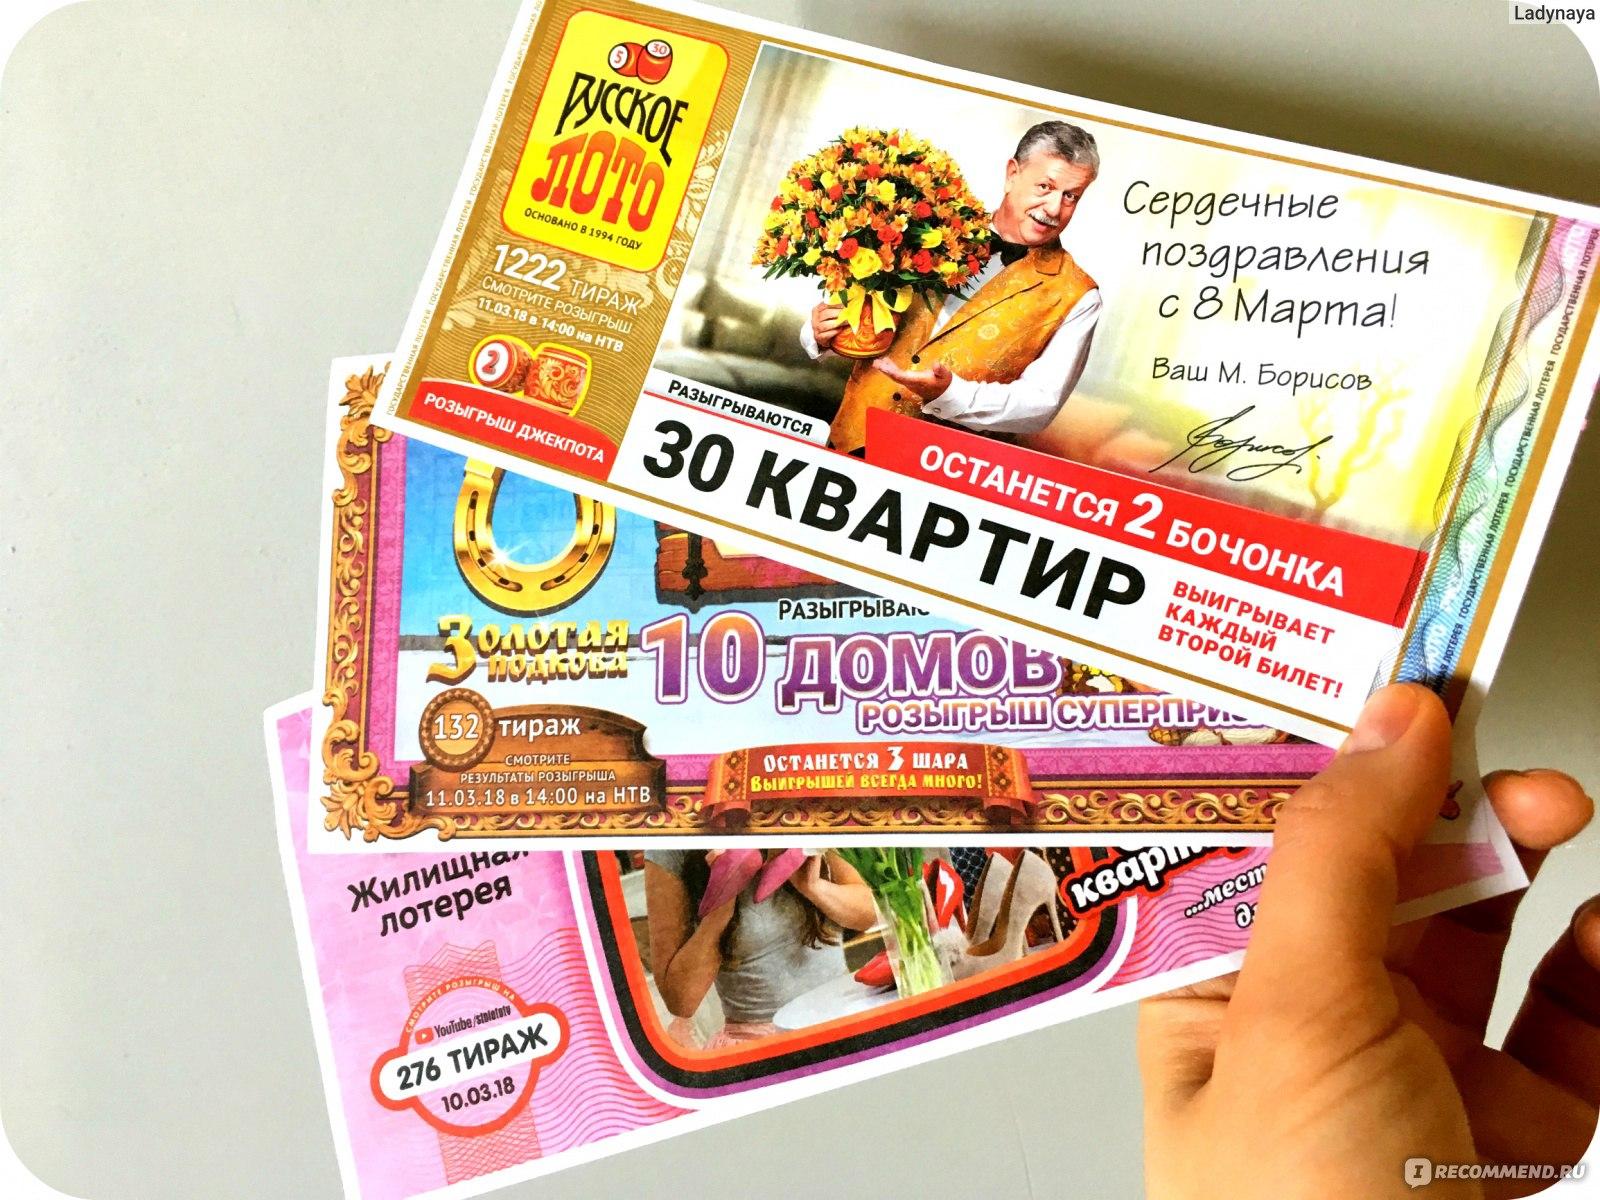 «столото»: лотерейные билеты помогут ритейлу увеличить прибыль и трафик | retail.ru